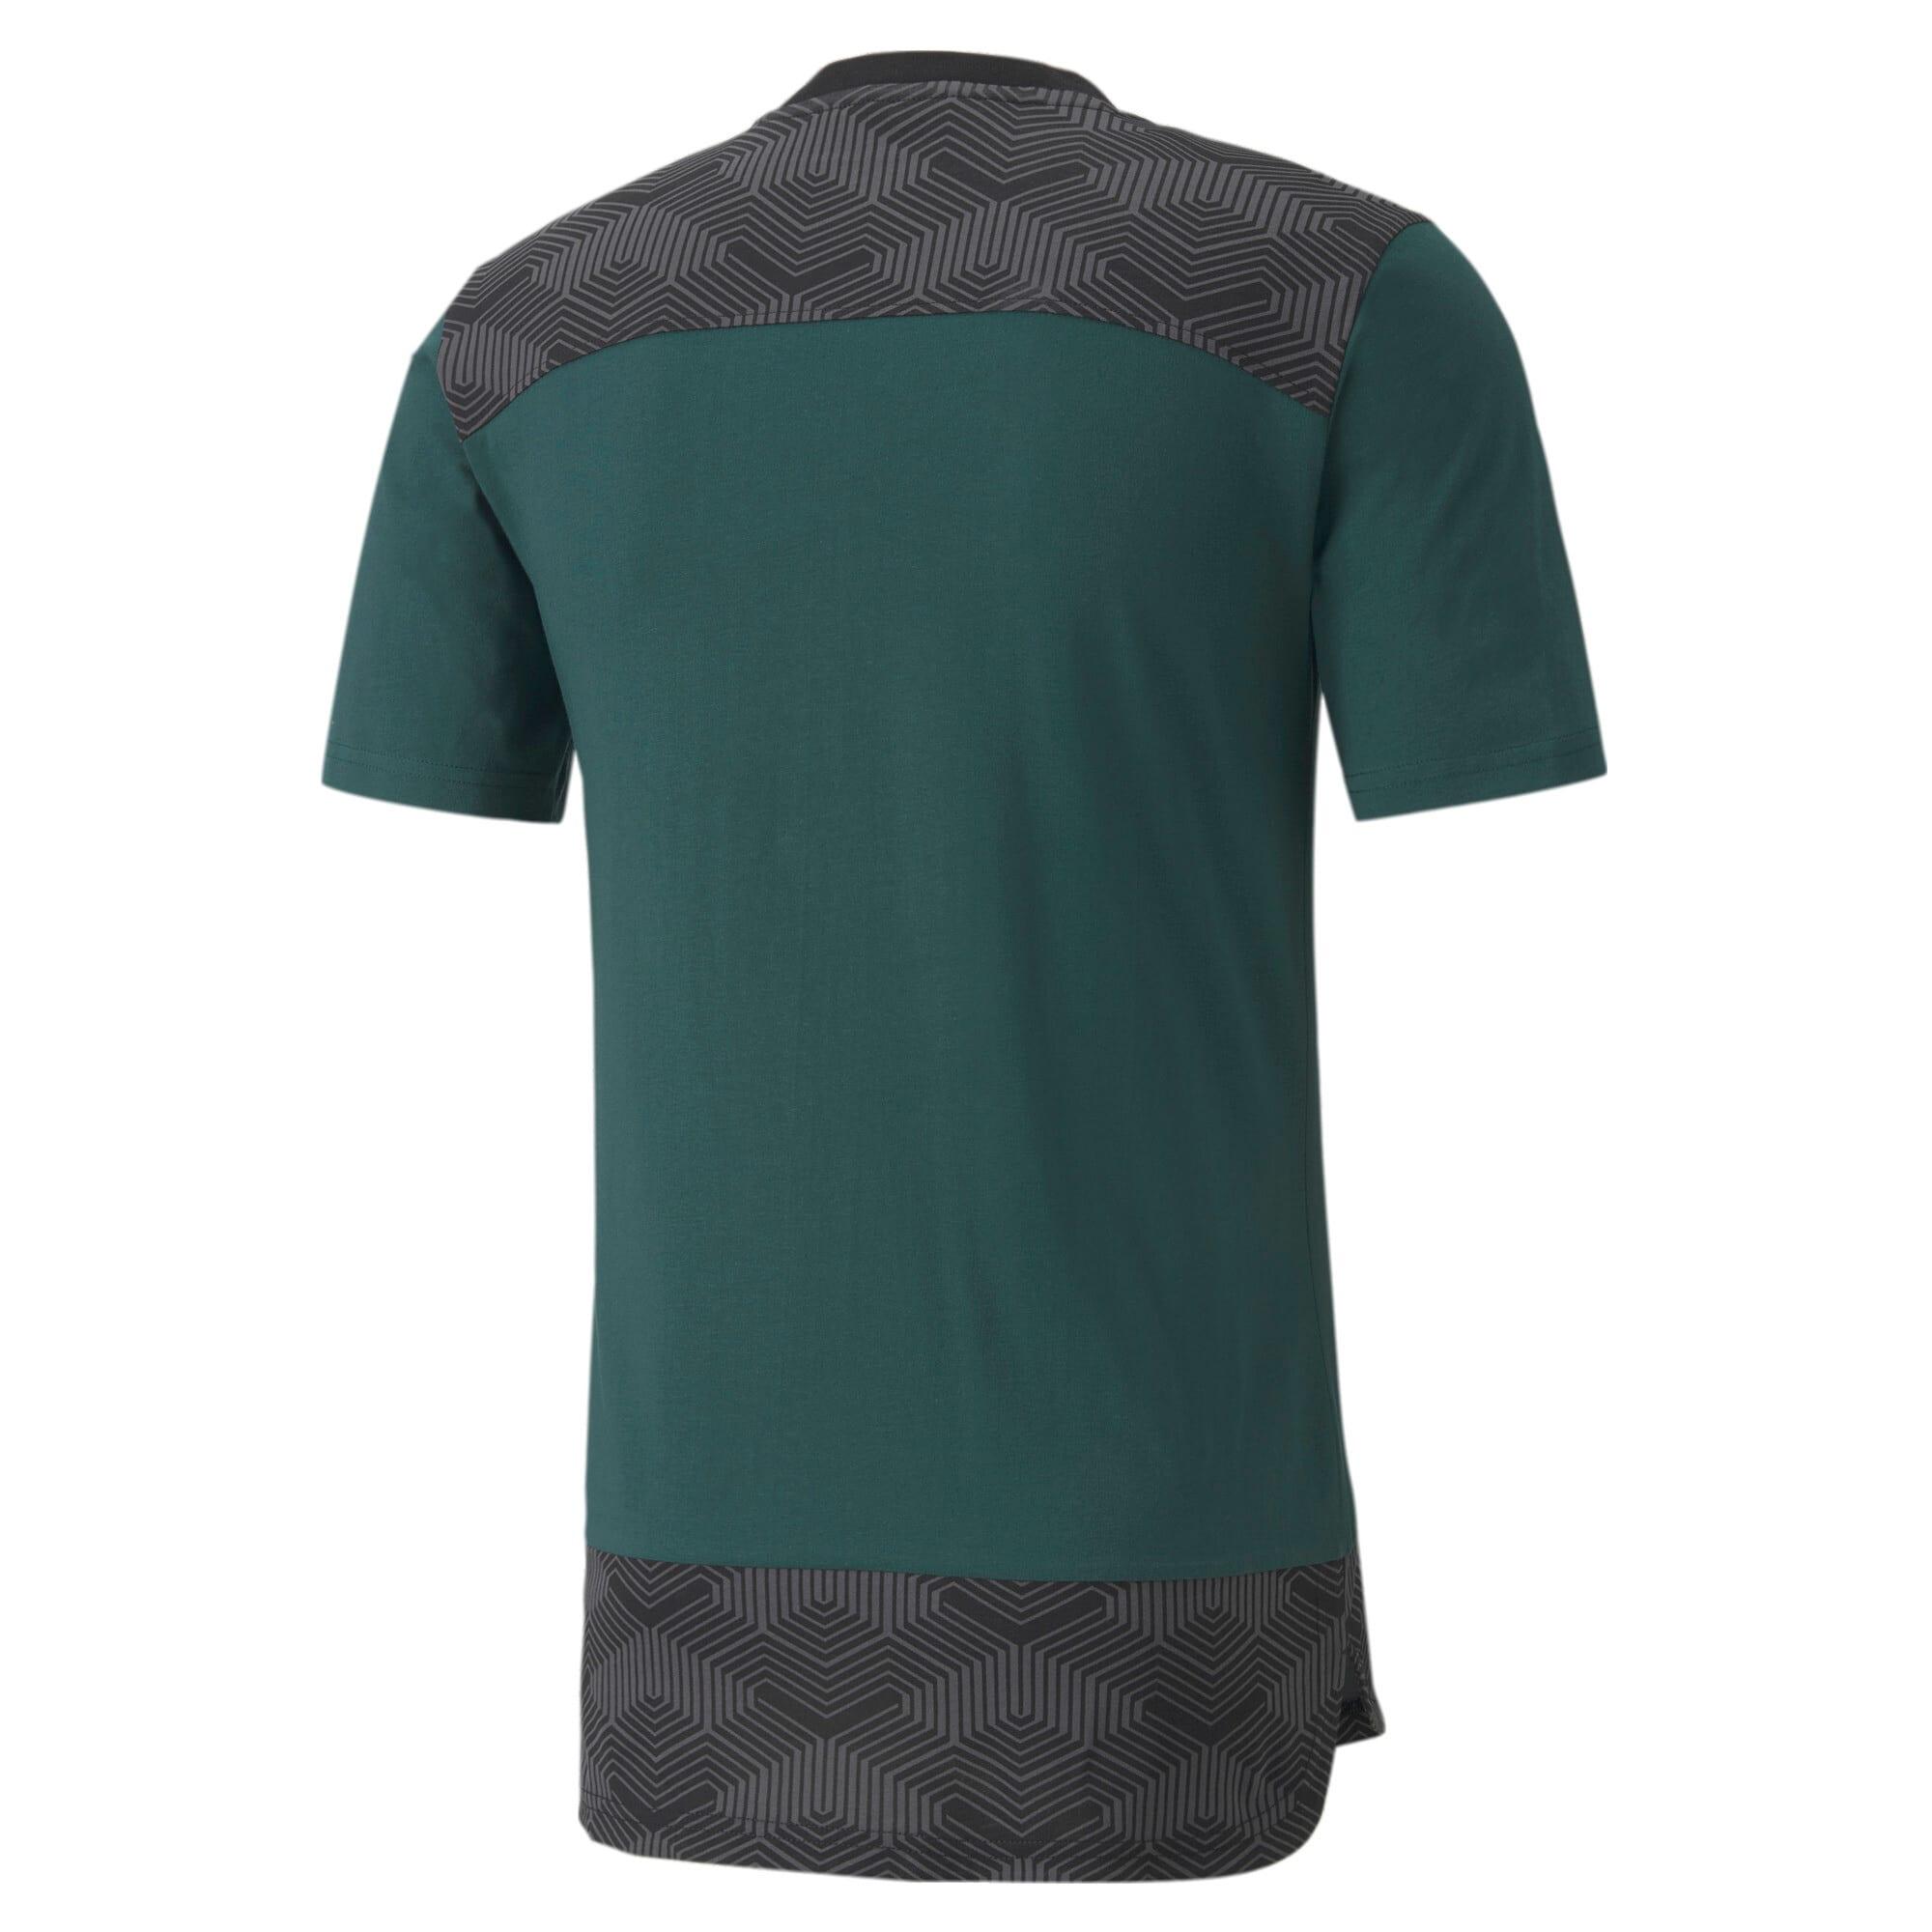 Thumbnail 3 of FIGC イタリア カジュアル Tシャツ 半袖, Ponderosa Pine-Peacoat, medium-JPN